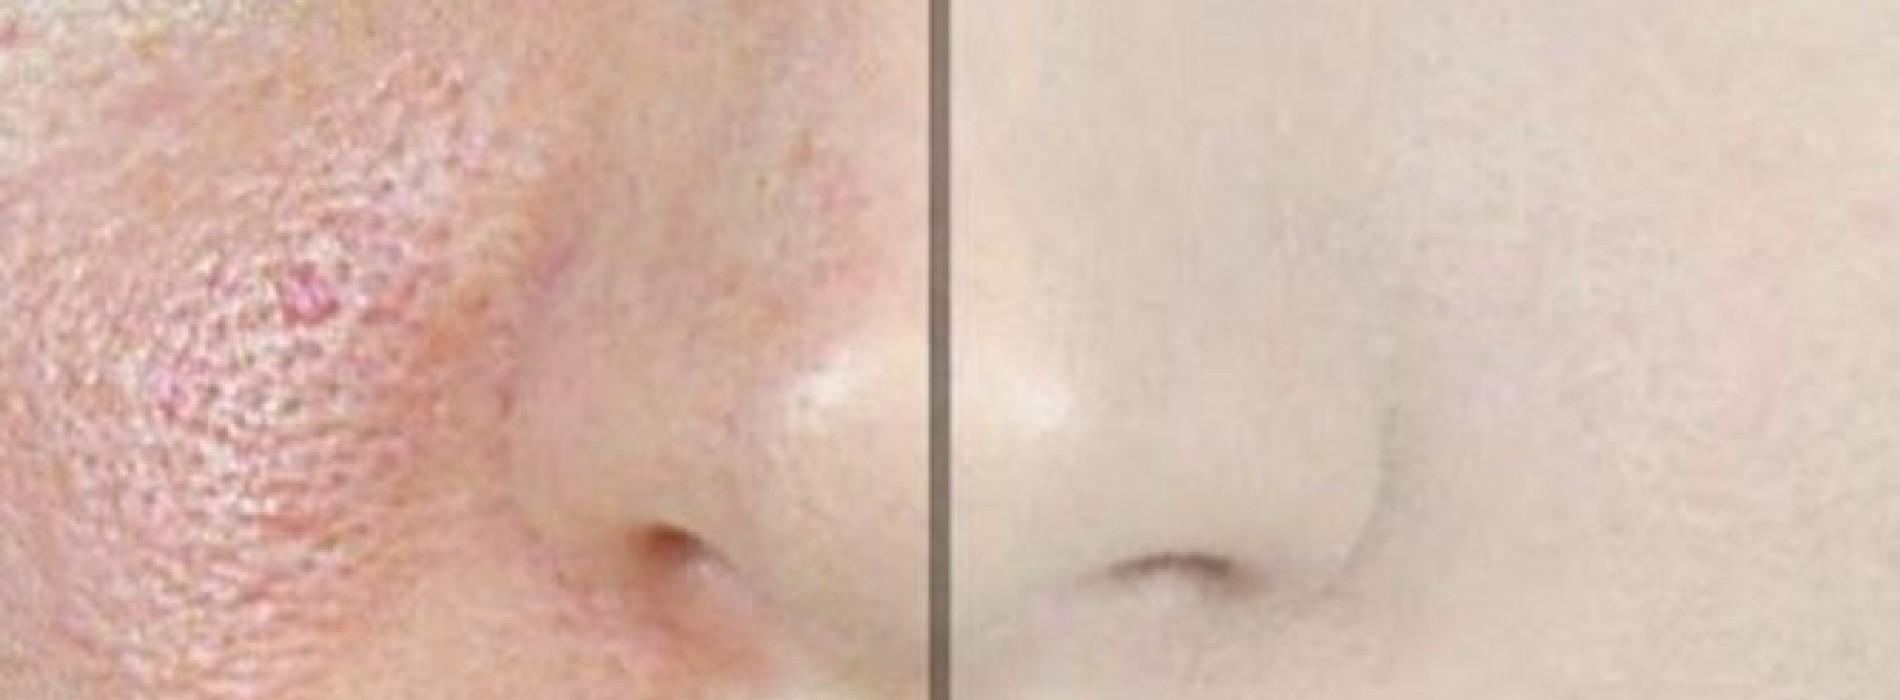 Mensen met vettige huid opgelet! Zo laat je je poriën krimpen met 1 ingrediënt!